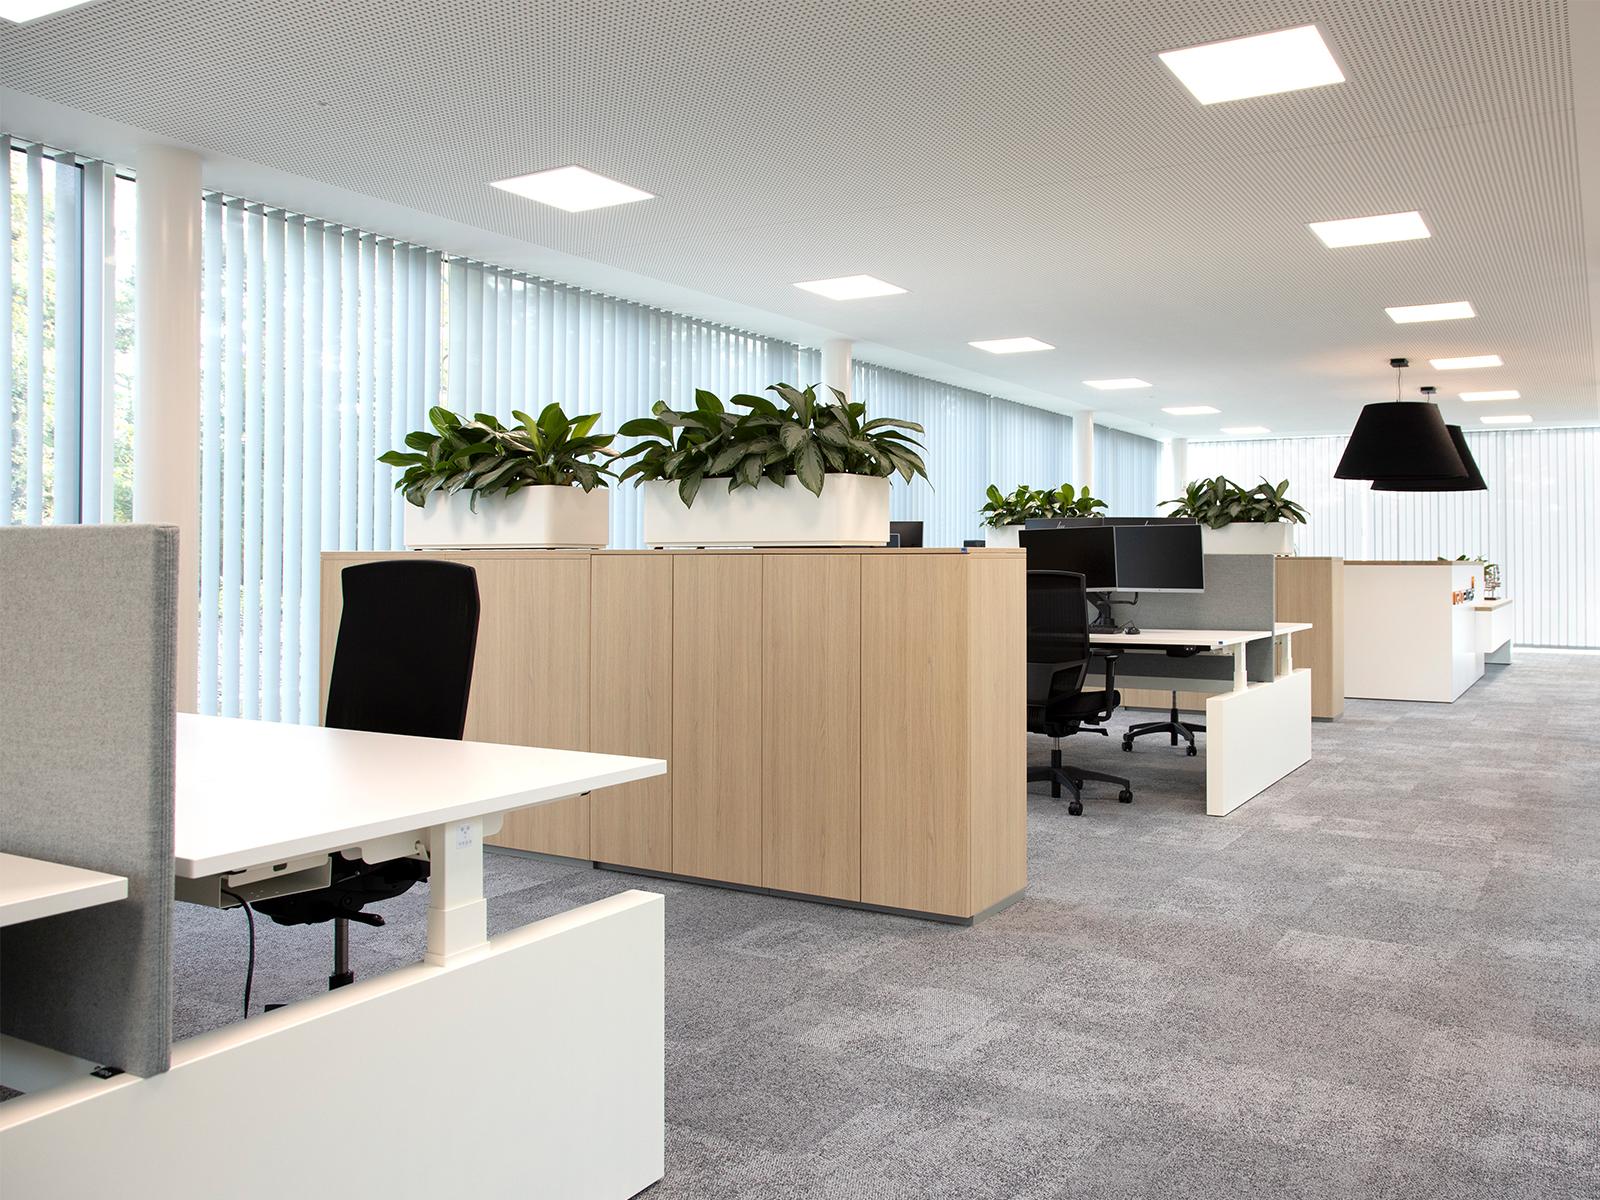 Waarom we productiever zijn in een licht kantoor